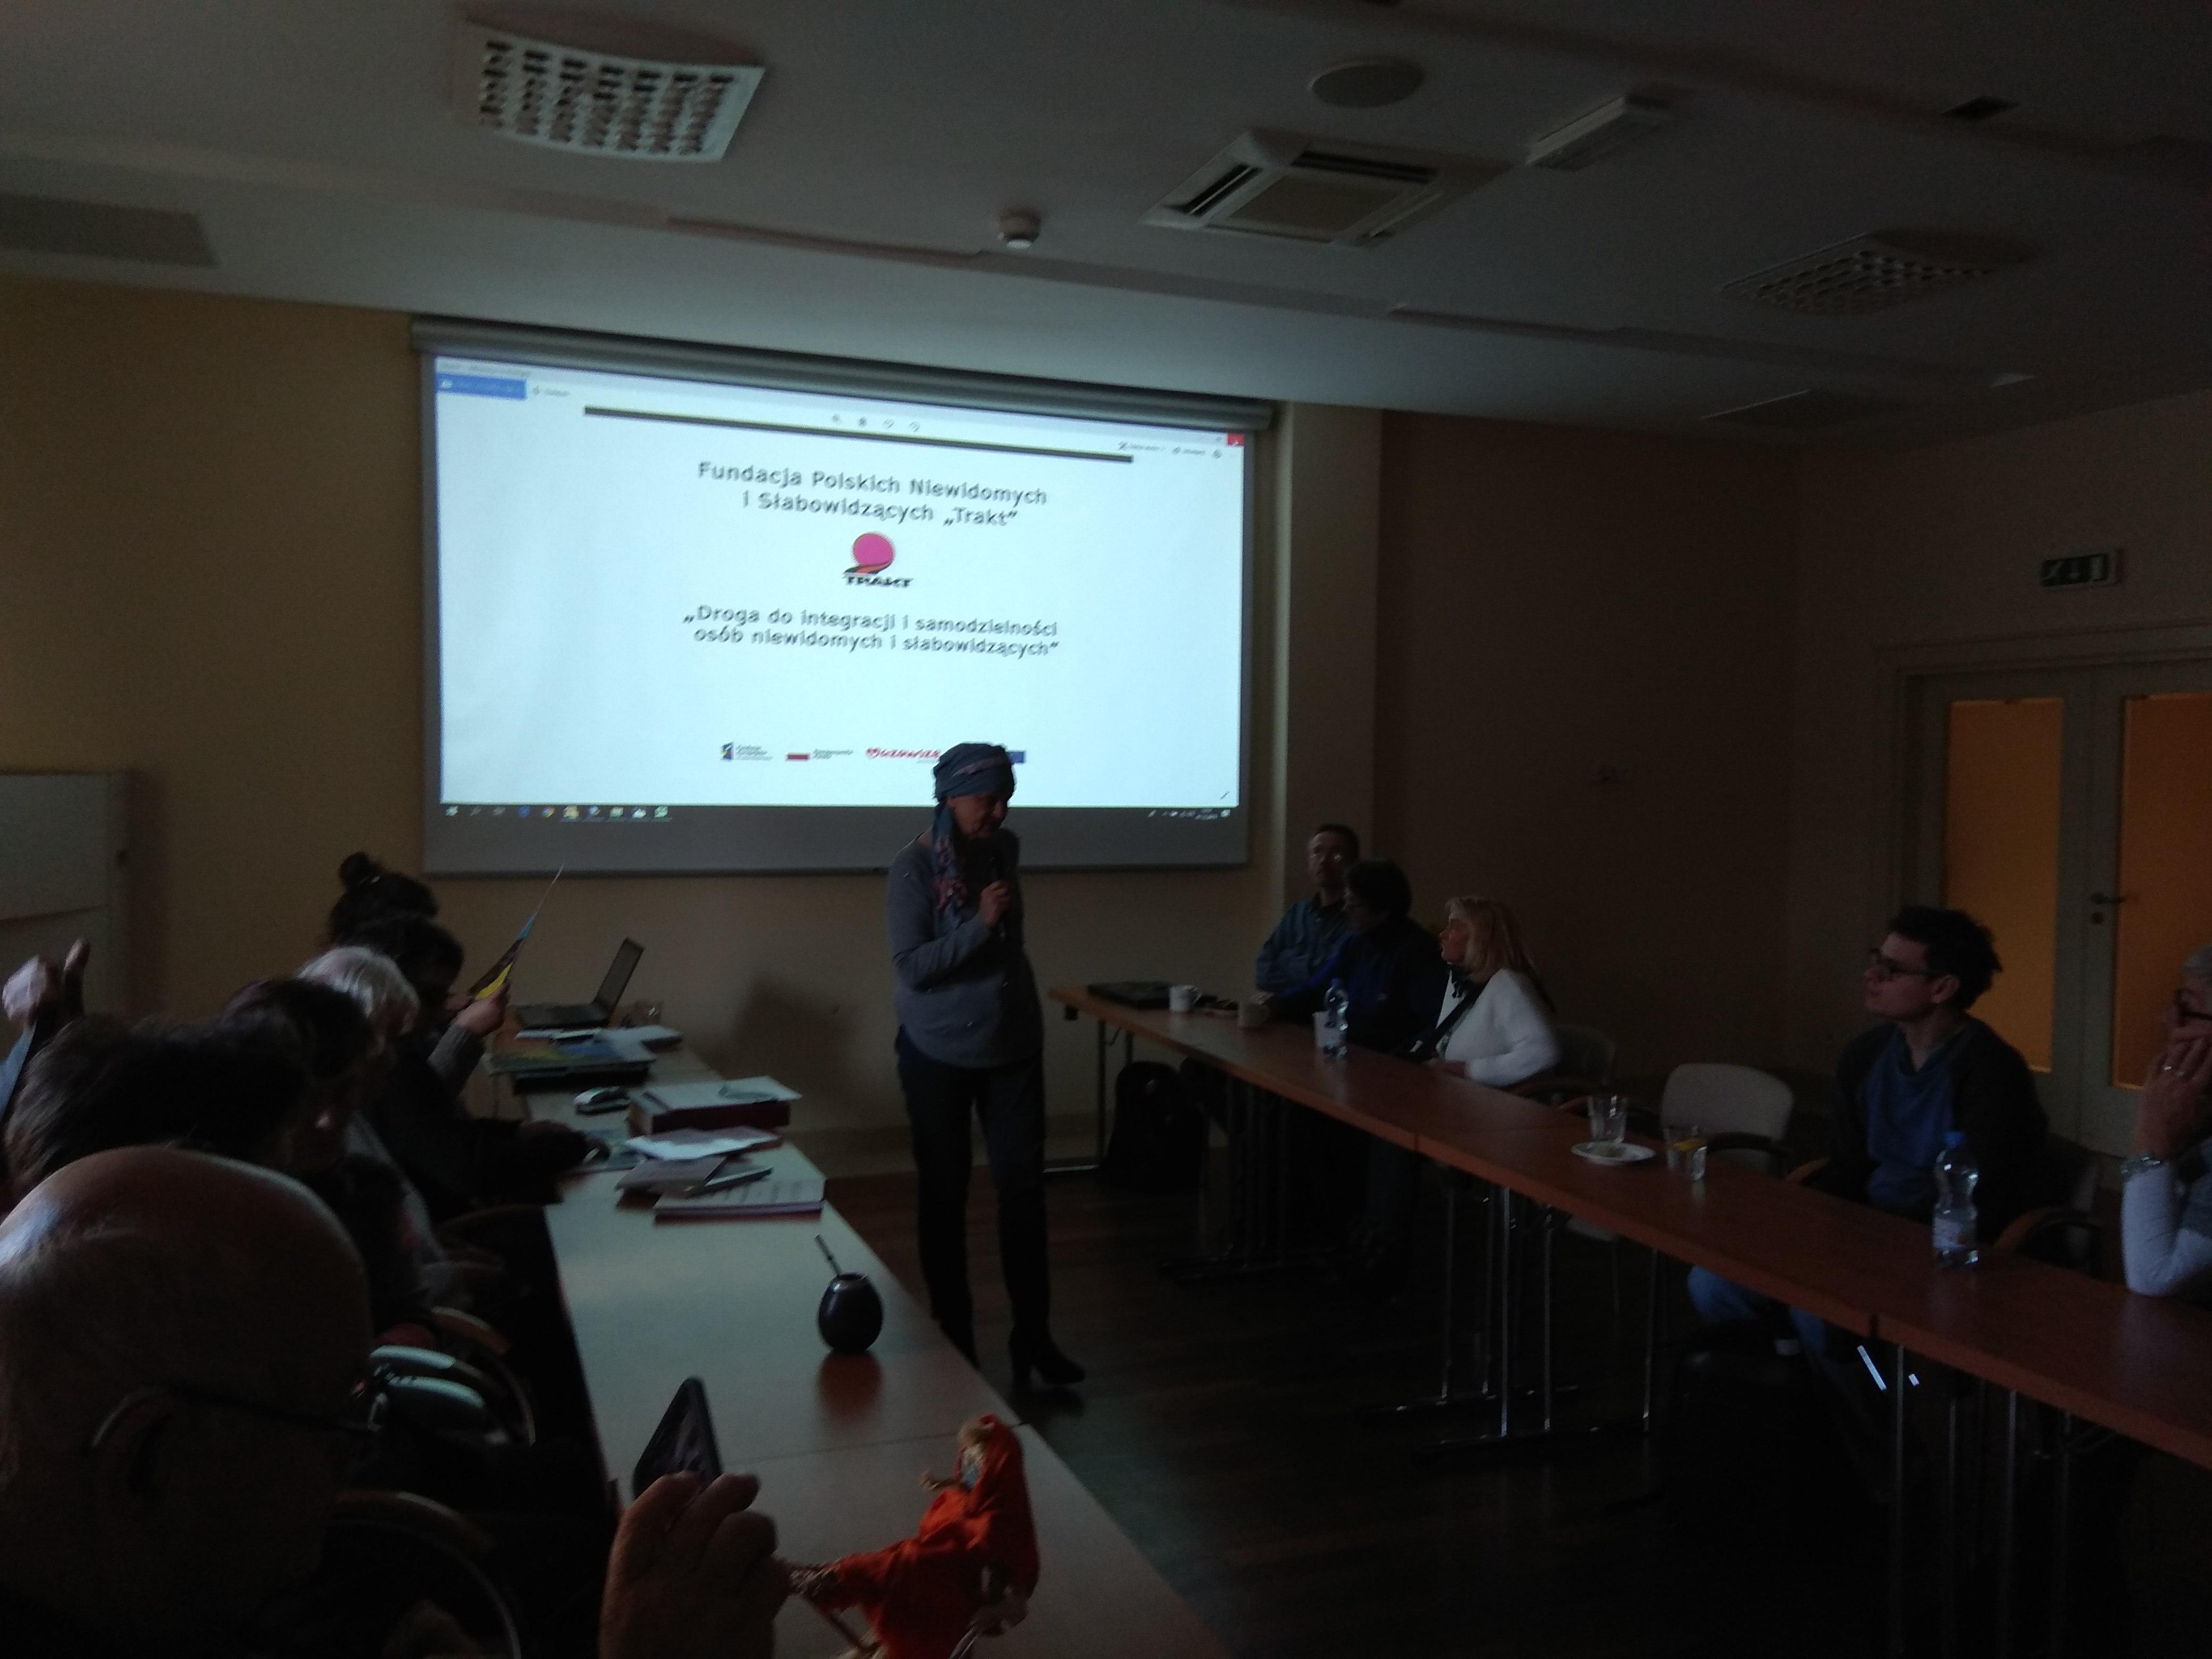 Uczestnicy siedzący w sali konferencyjnej ze stołami ustawionymi po bokach wzdłuż sali podczas szkolenia, na przedniej ścianie widoczny duży ekran z logo Fundacji TRAKT i jej pełną nazwą oraz tytułem projektu unijnego.